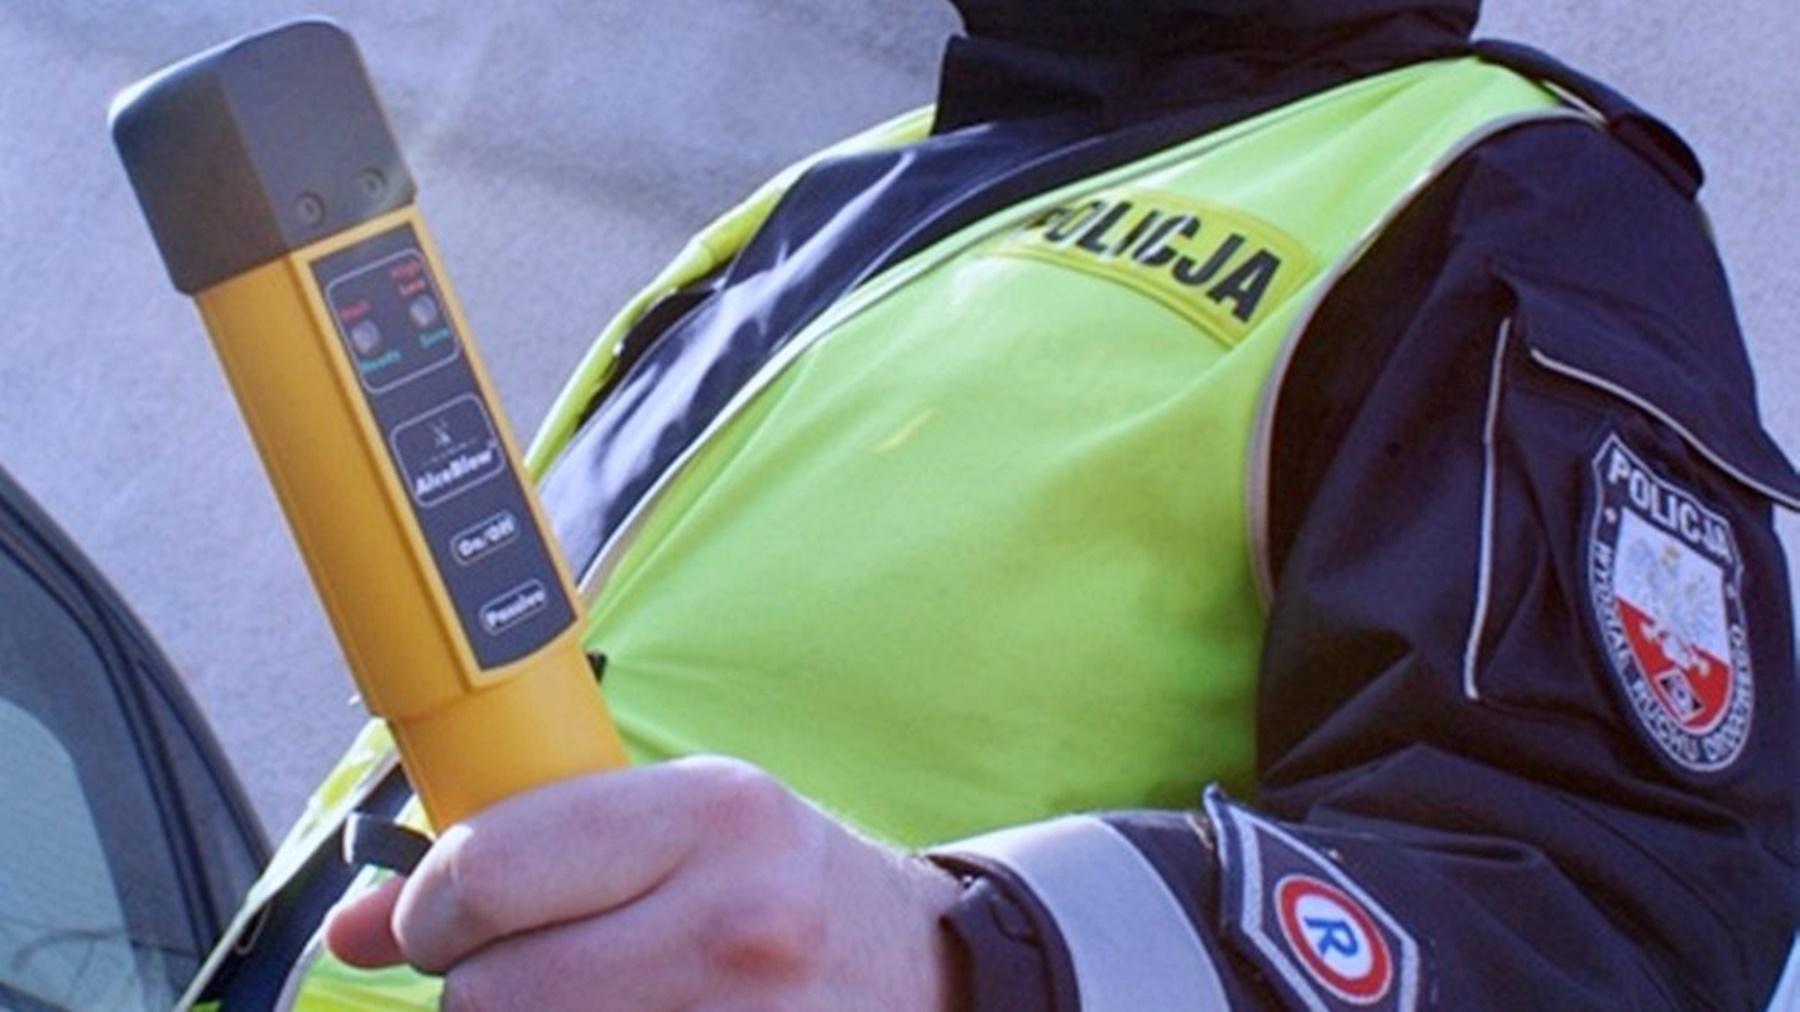 Motorowerzysta z dożywotnim zakazem - Zdjęcie główne